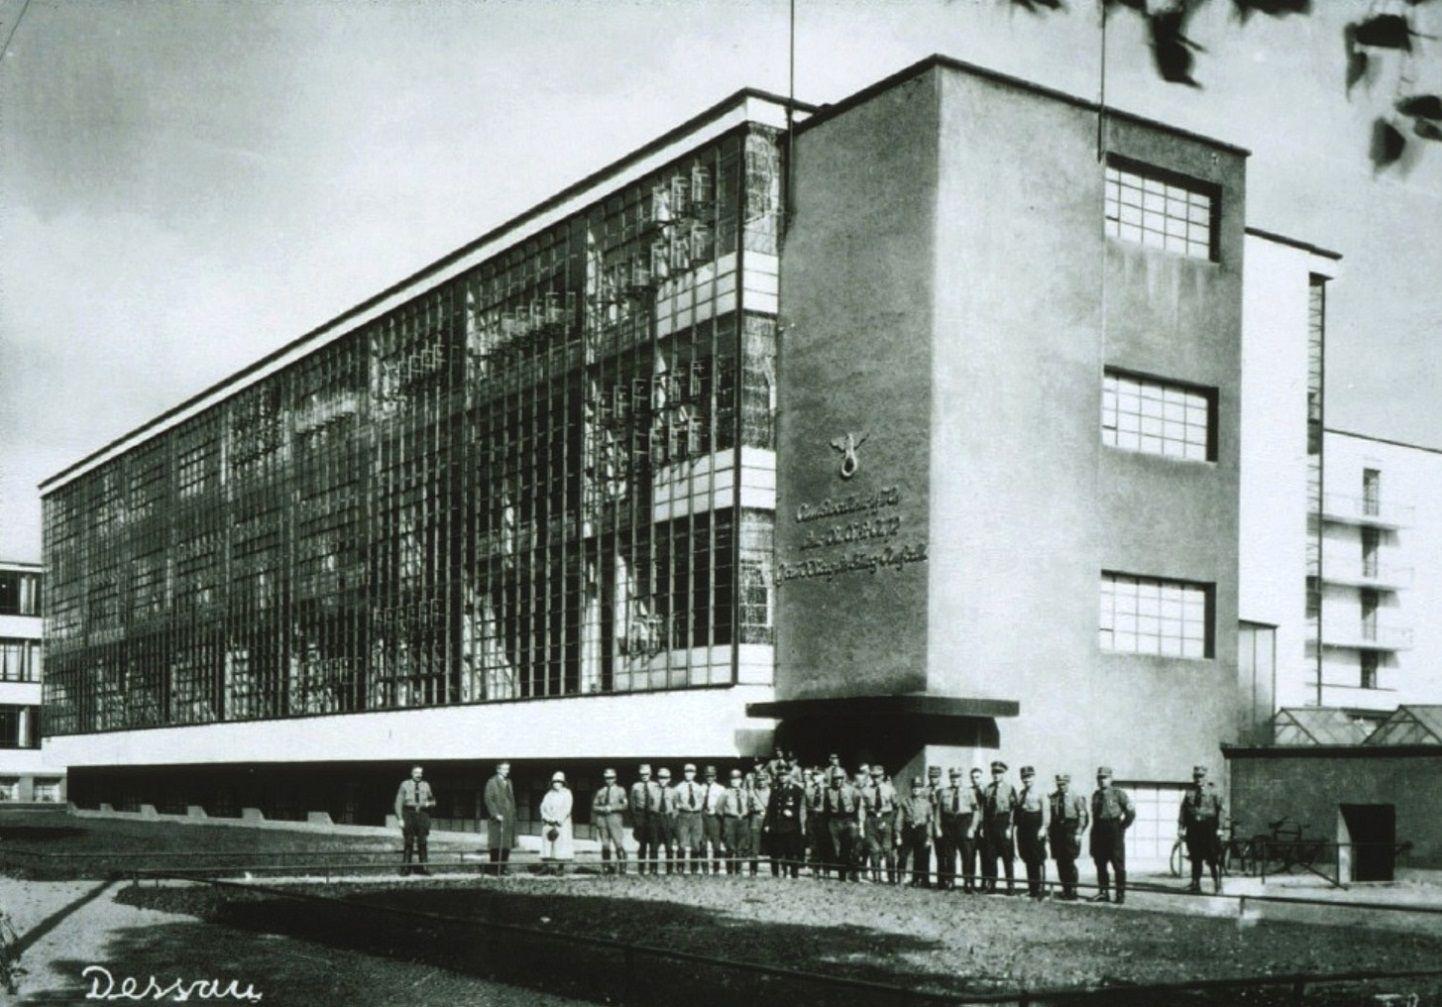 la bauhaus escuela creada por walter gropius en 1919 y cerrada por el nacionalsocialismo alem n. Black Bedroom Furniture Sets. Home Design Ideas